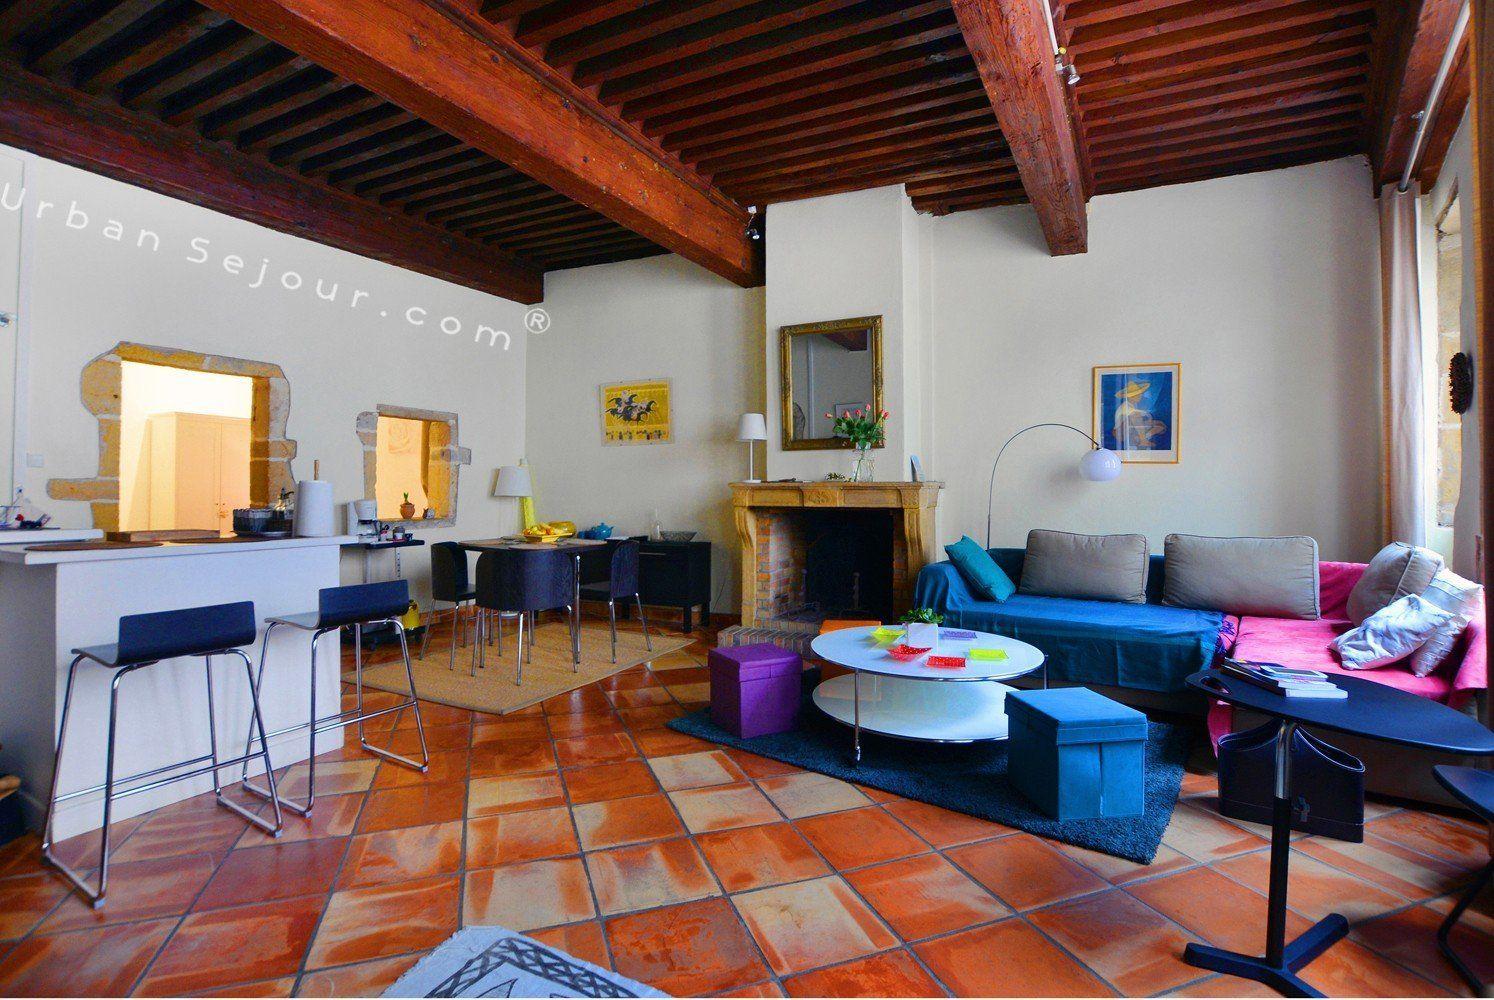 Location appartement meubl avec 1 chambre location saisonni re lyon 5 vieux lyon gourguillon - Location appartement lyon meuble ...